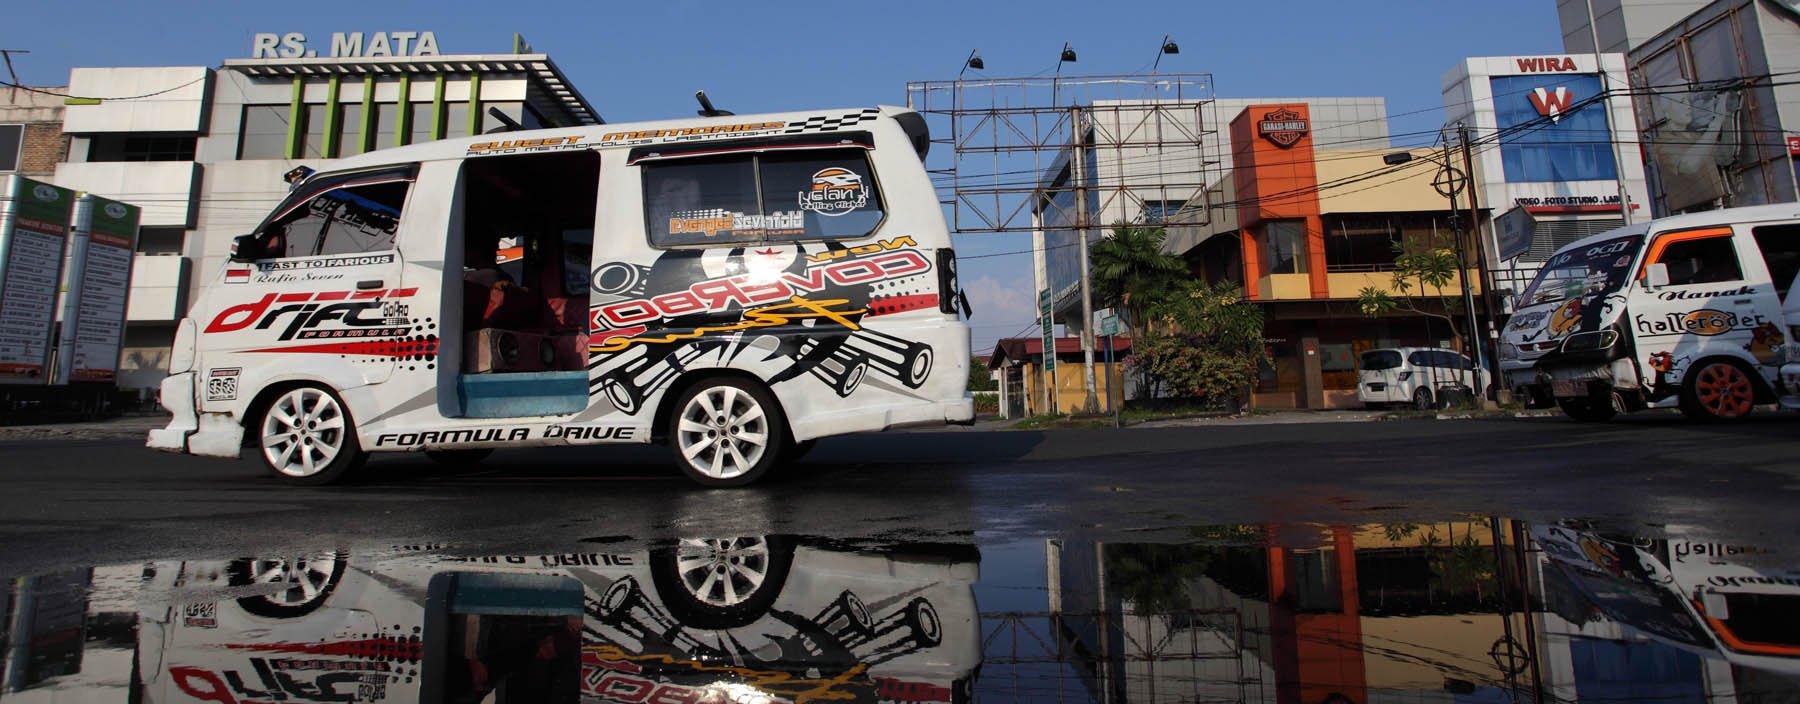 id, sumatra,padang, auto in straat.jpg